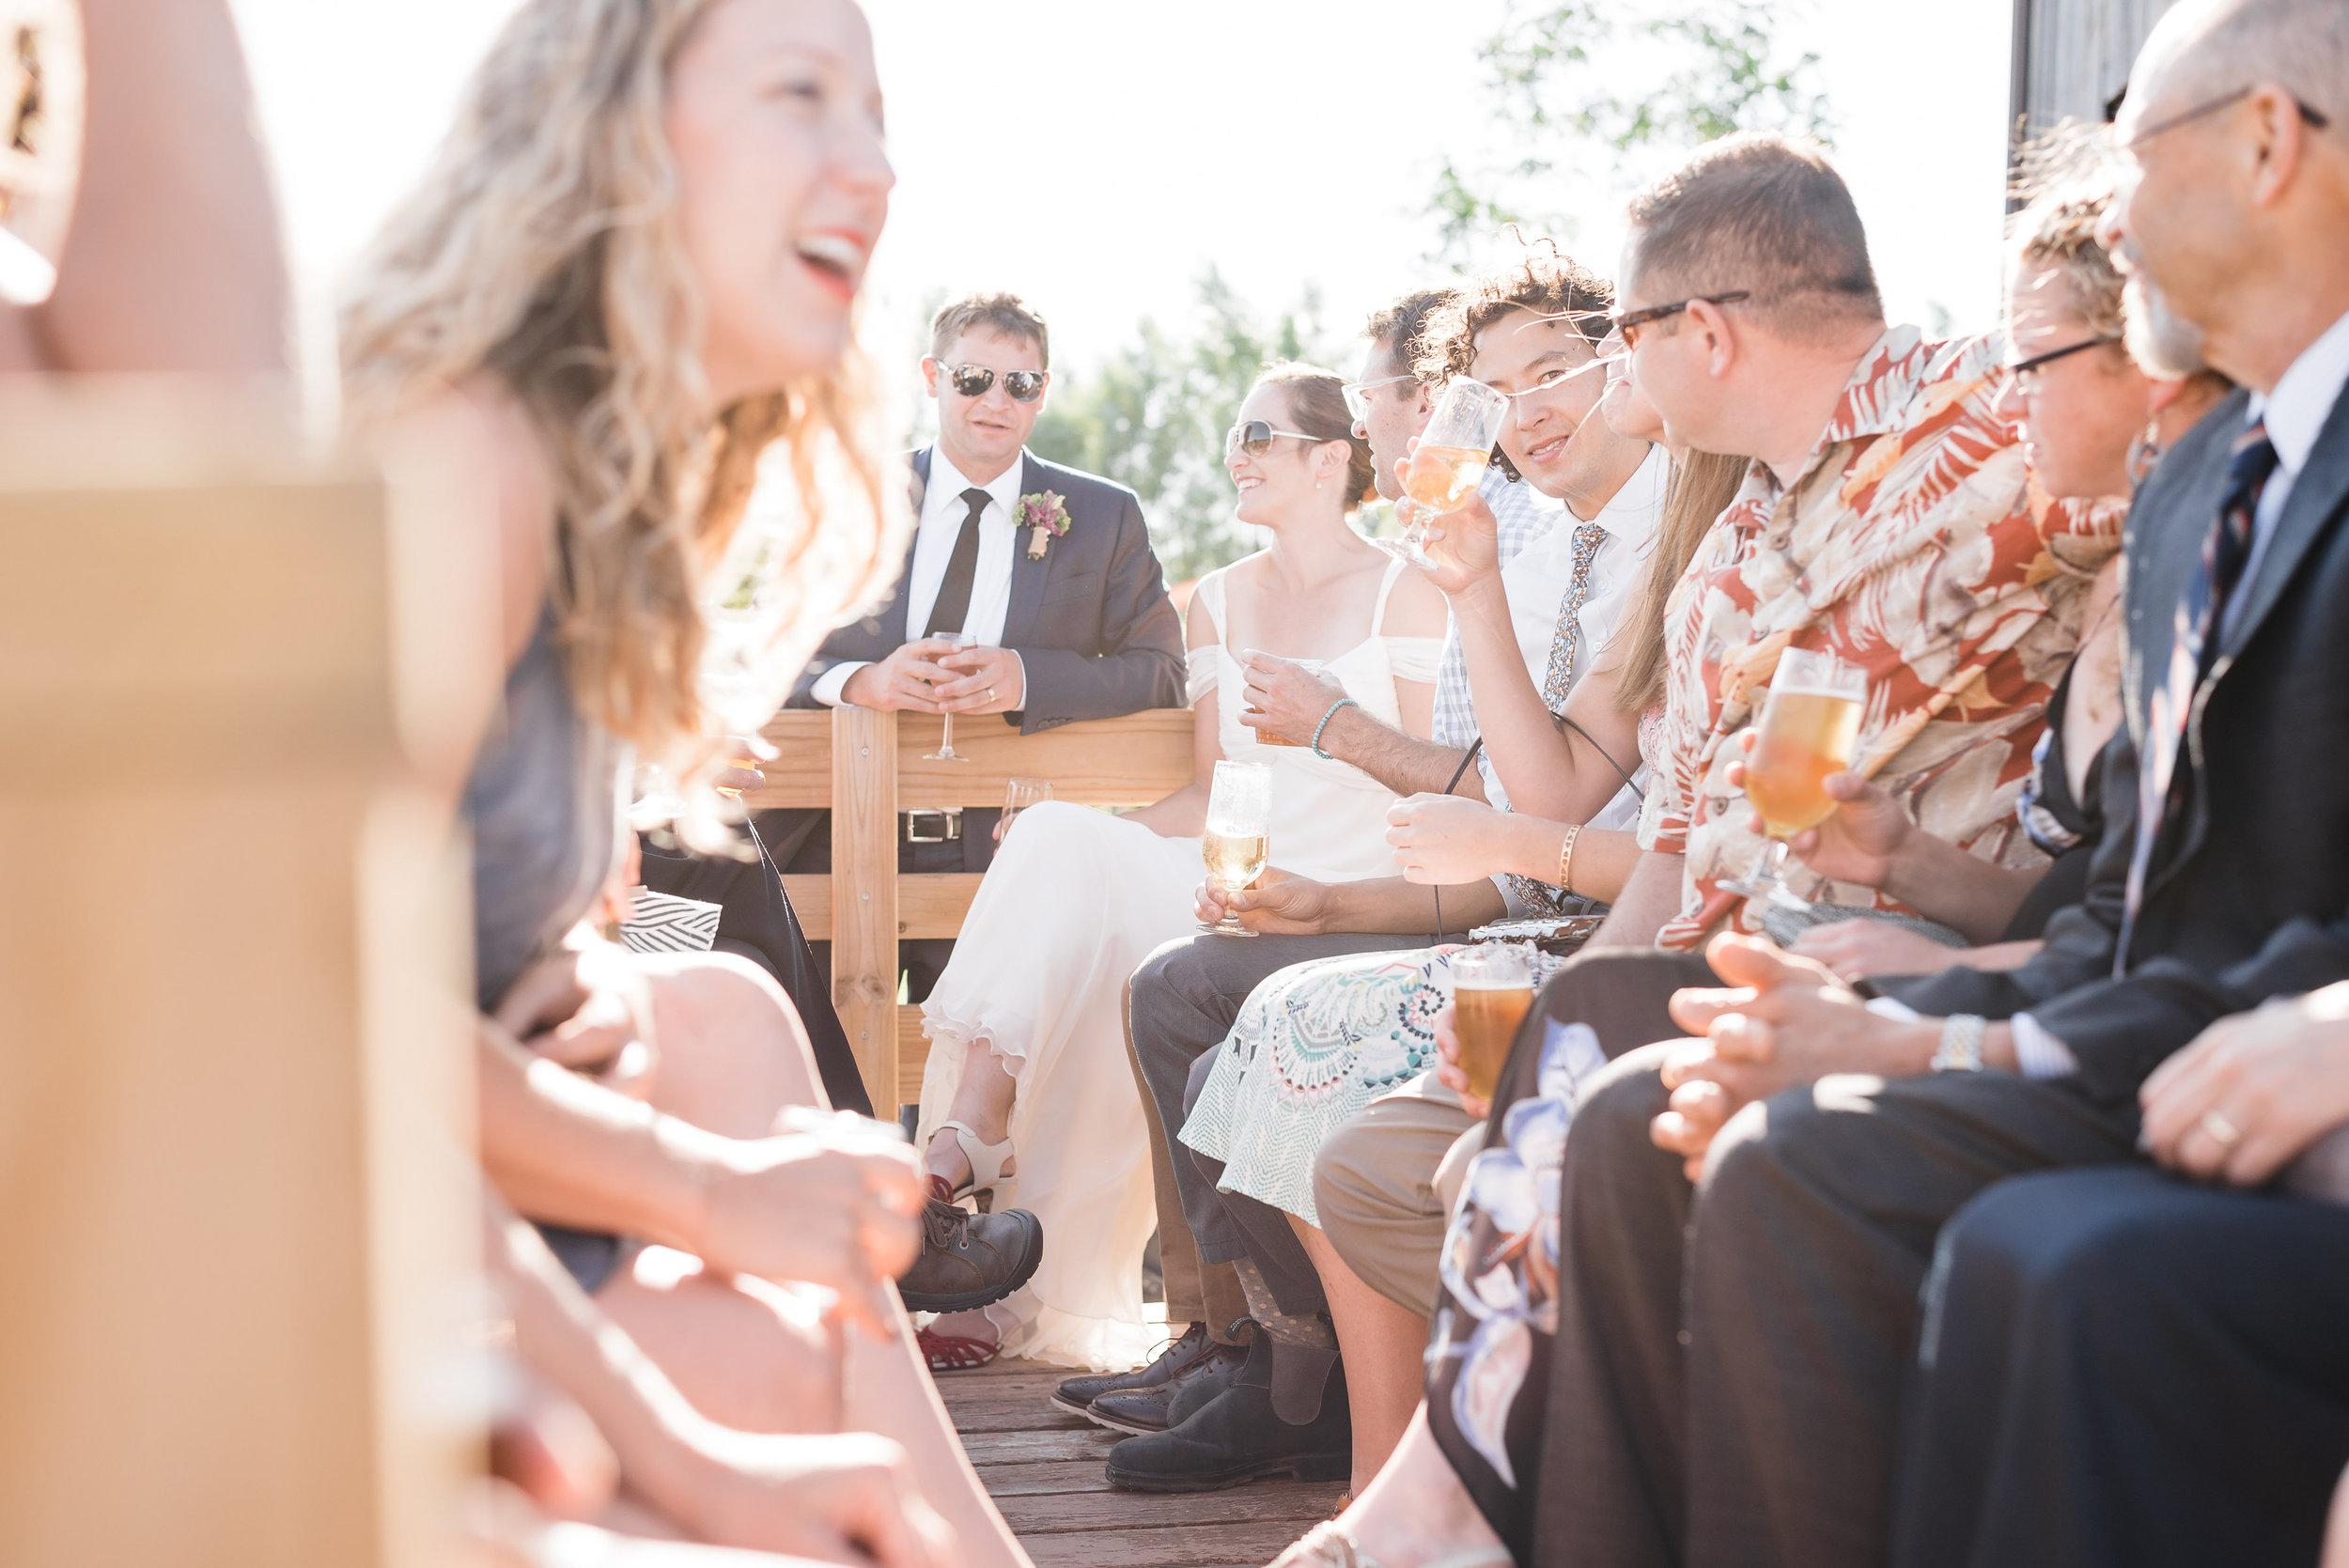 Sutliff Cider - Sutliff, Iowa, Wedding Photographer